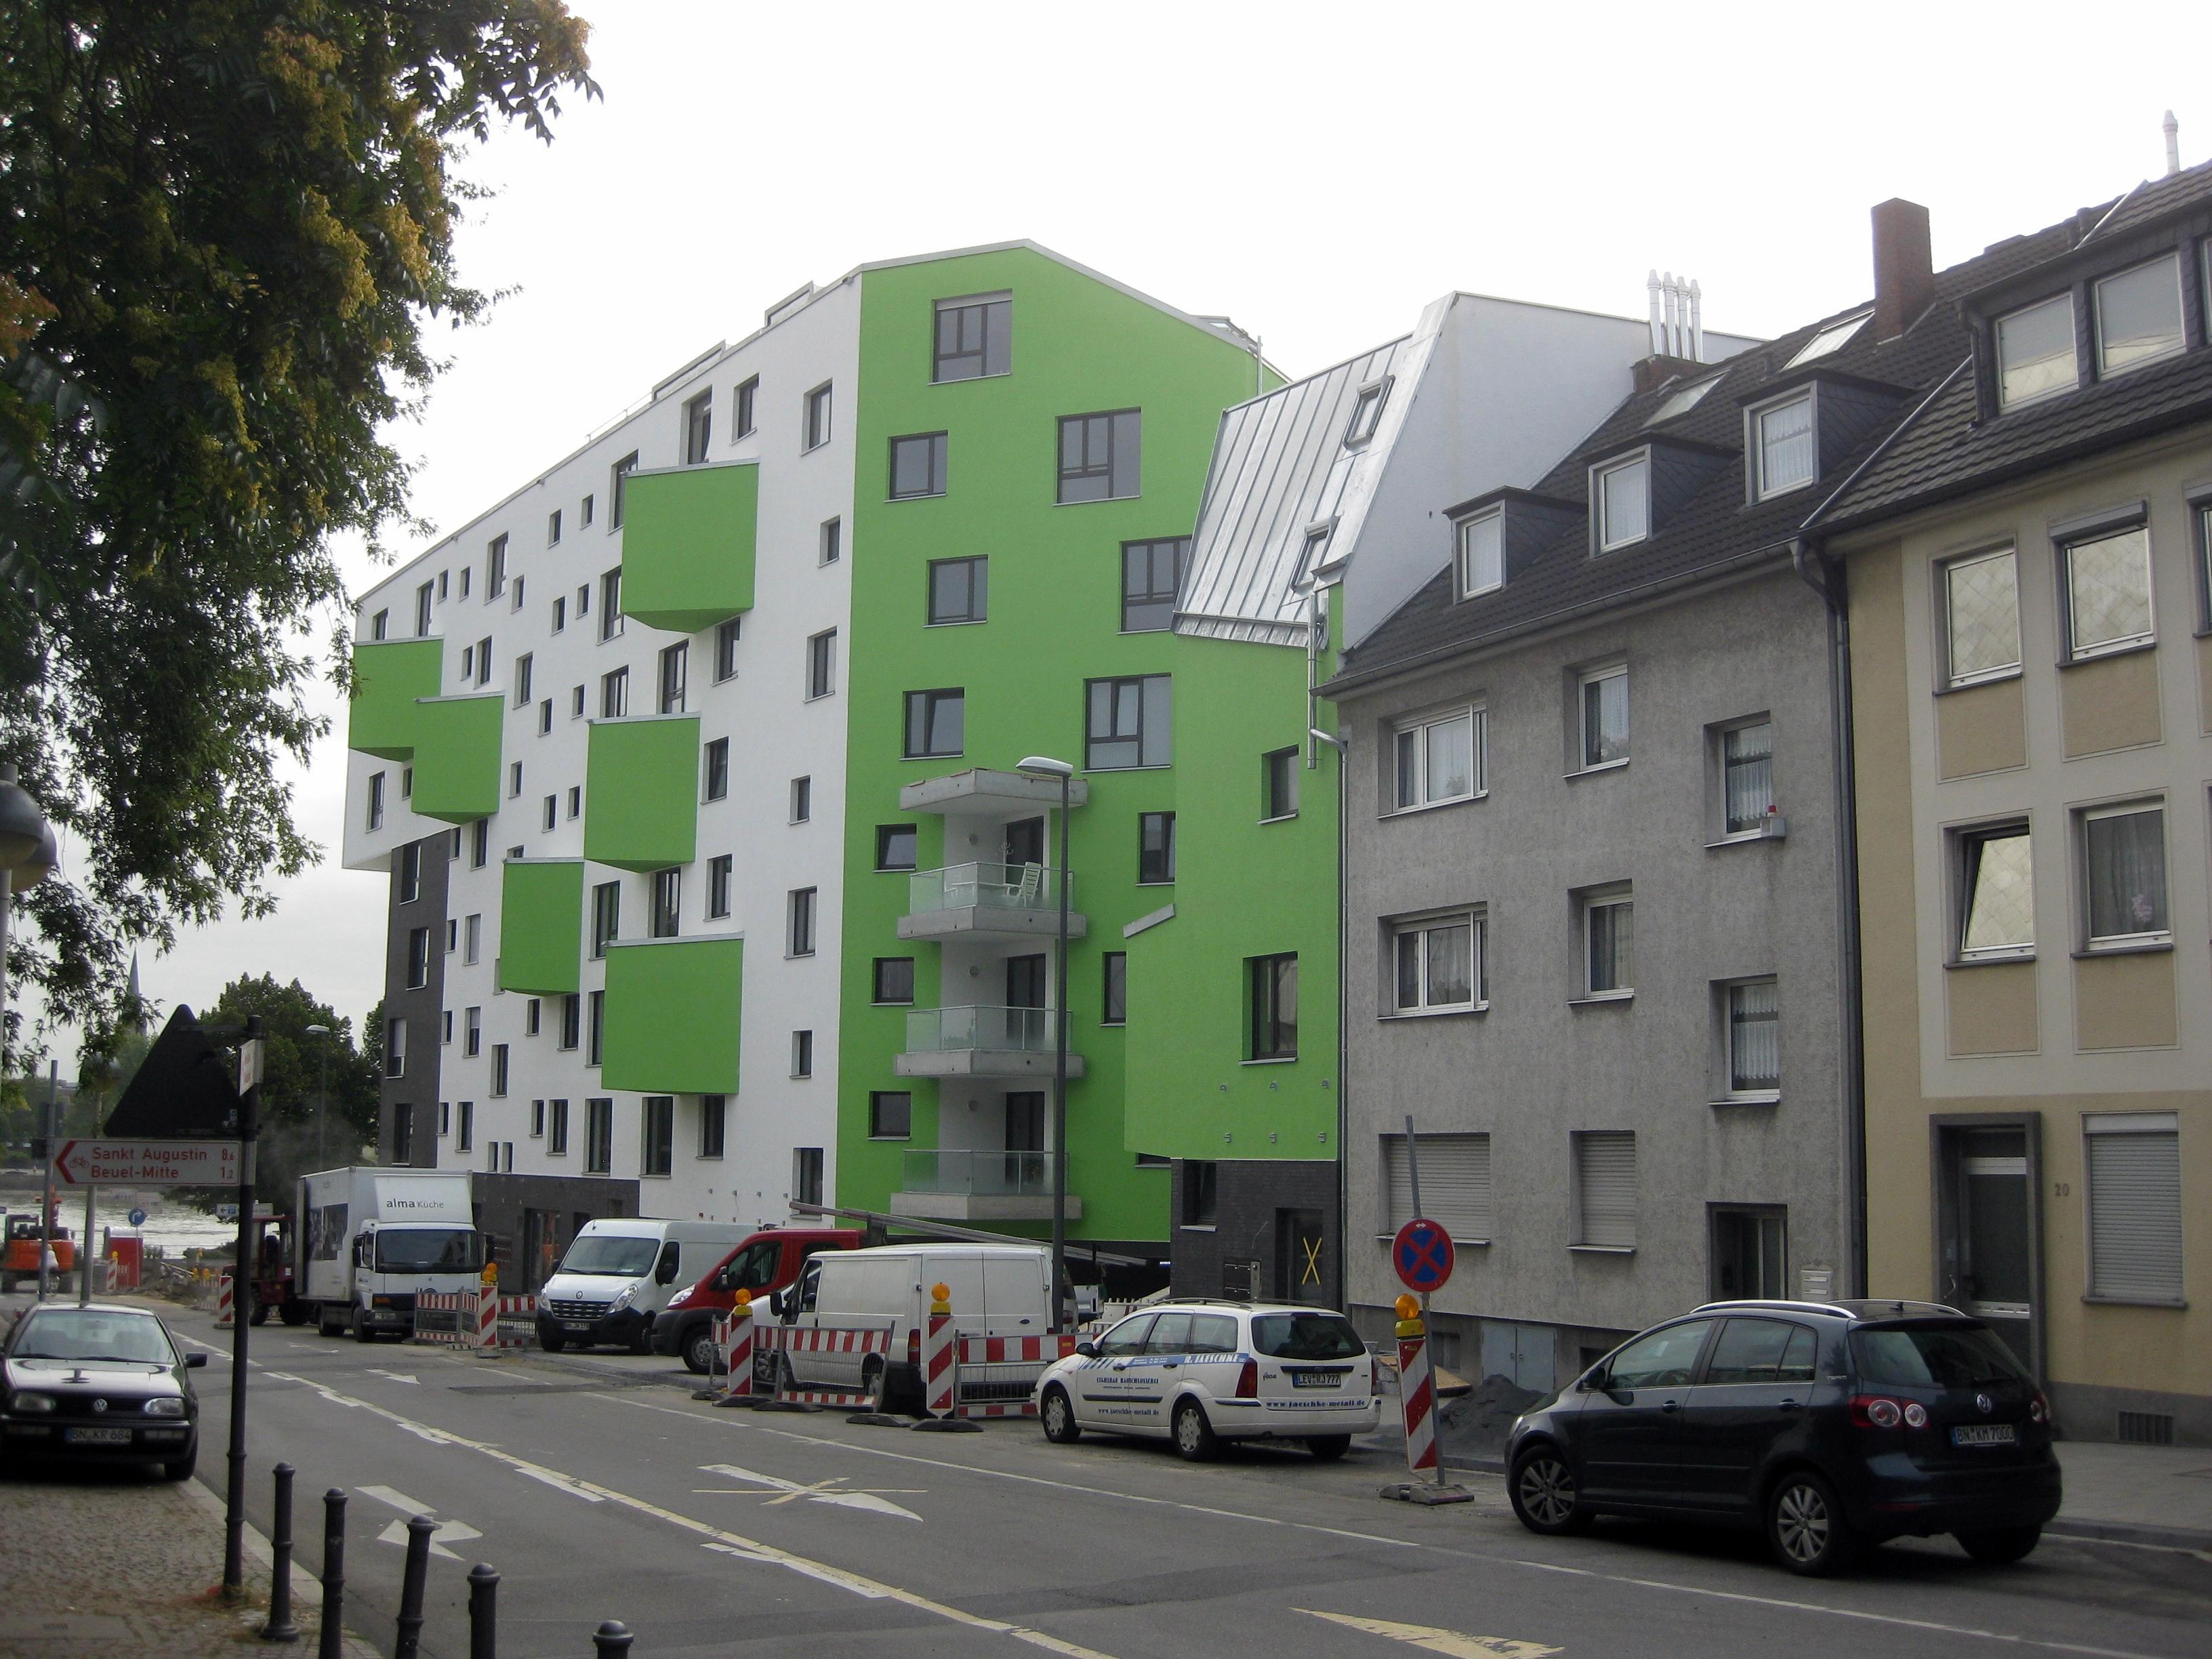 Hotel Und Restaurant Becher Donzdorf